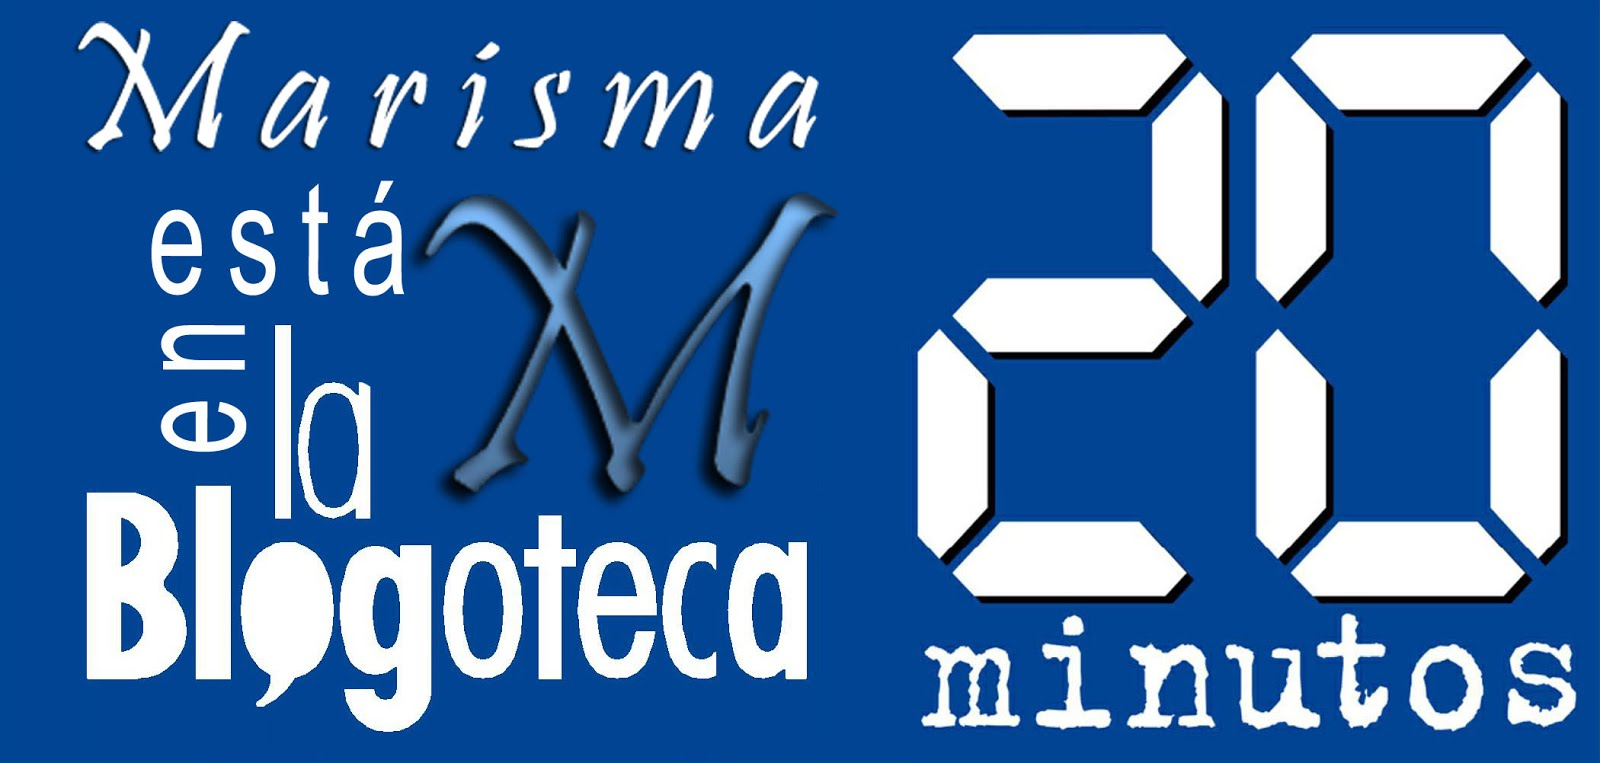 Marisma está en la Blogoteca